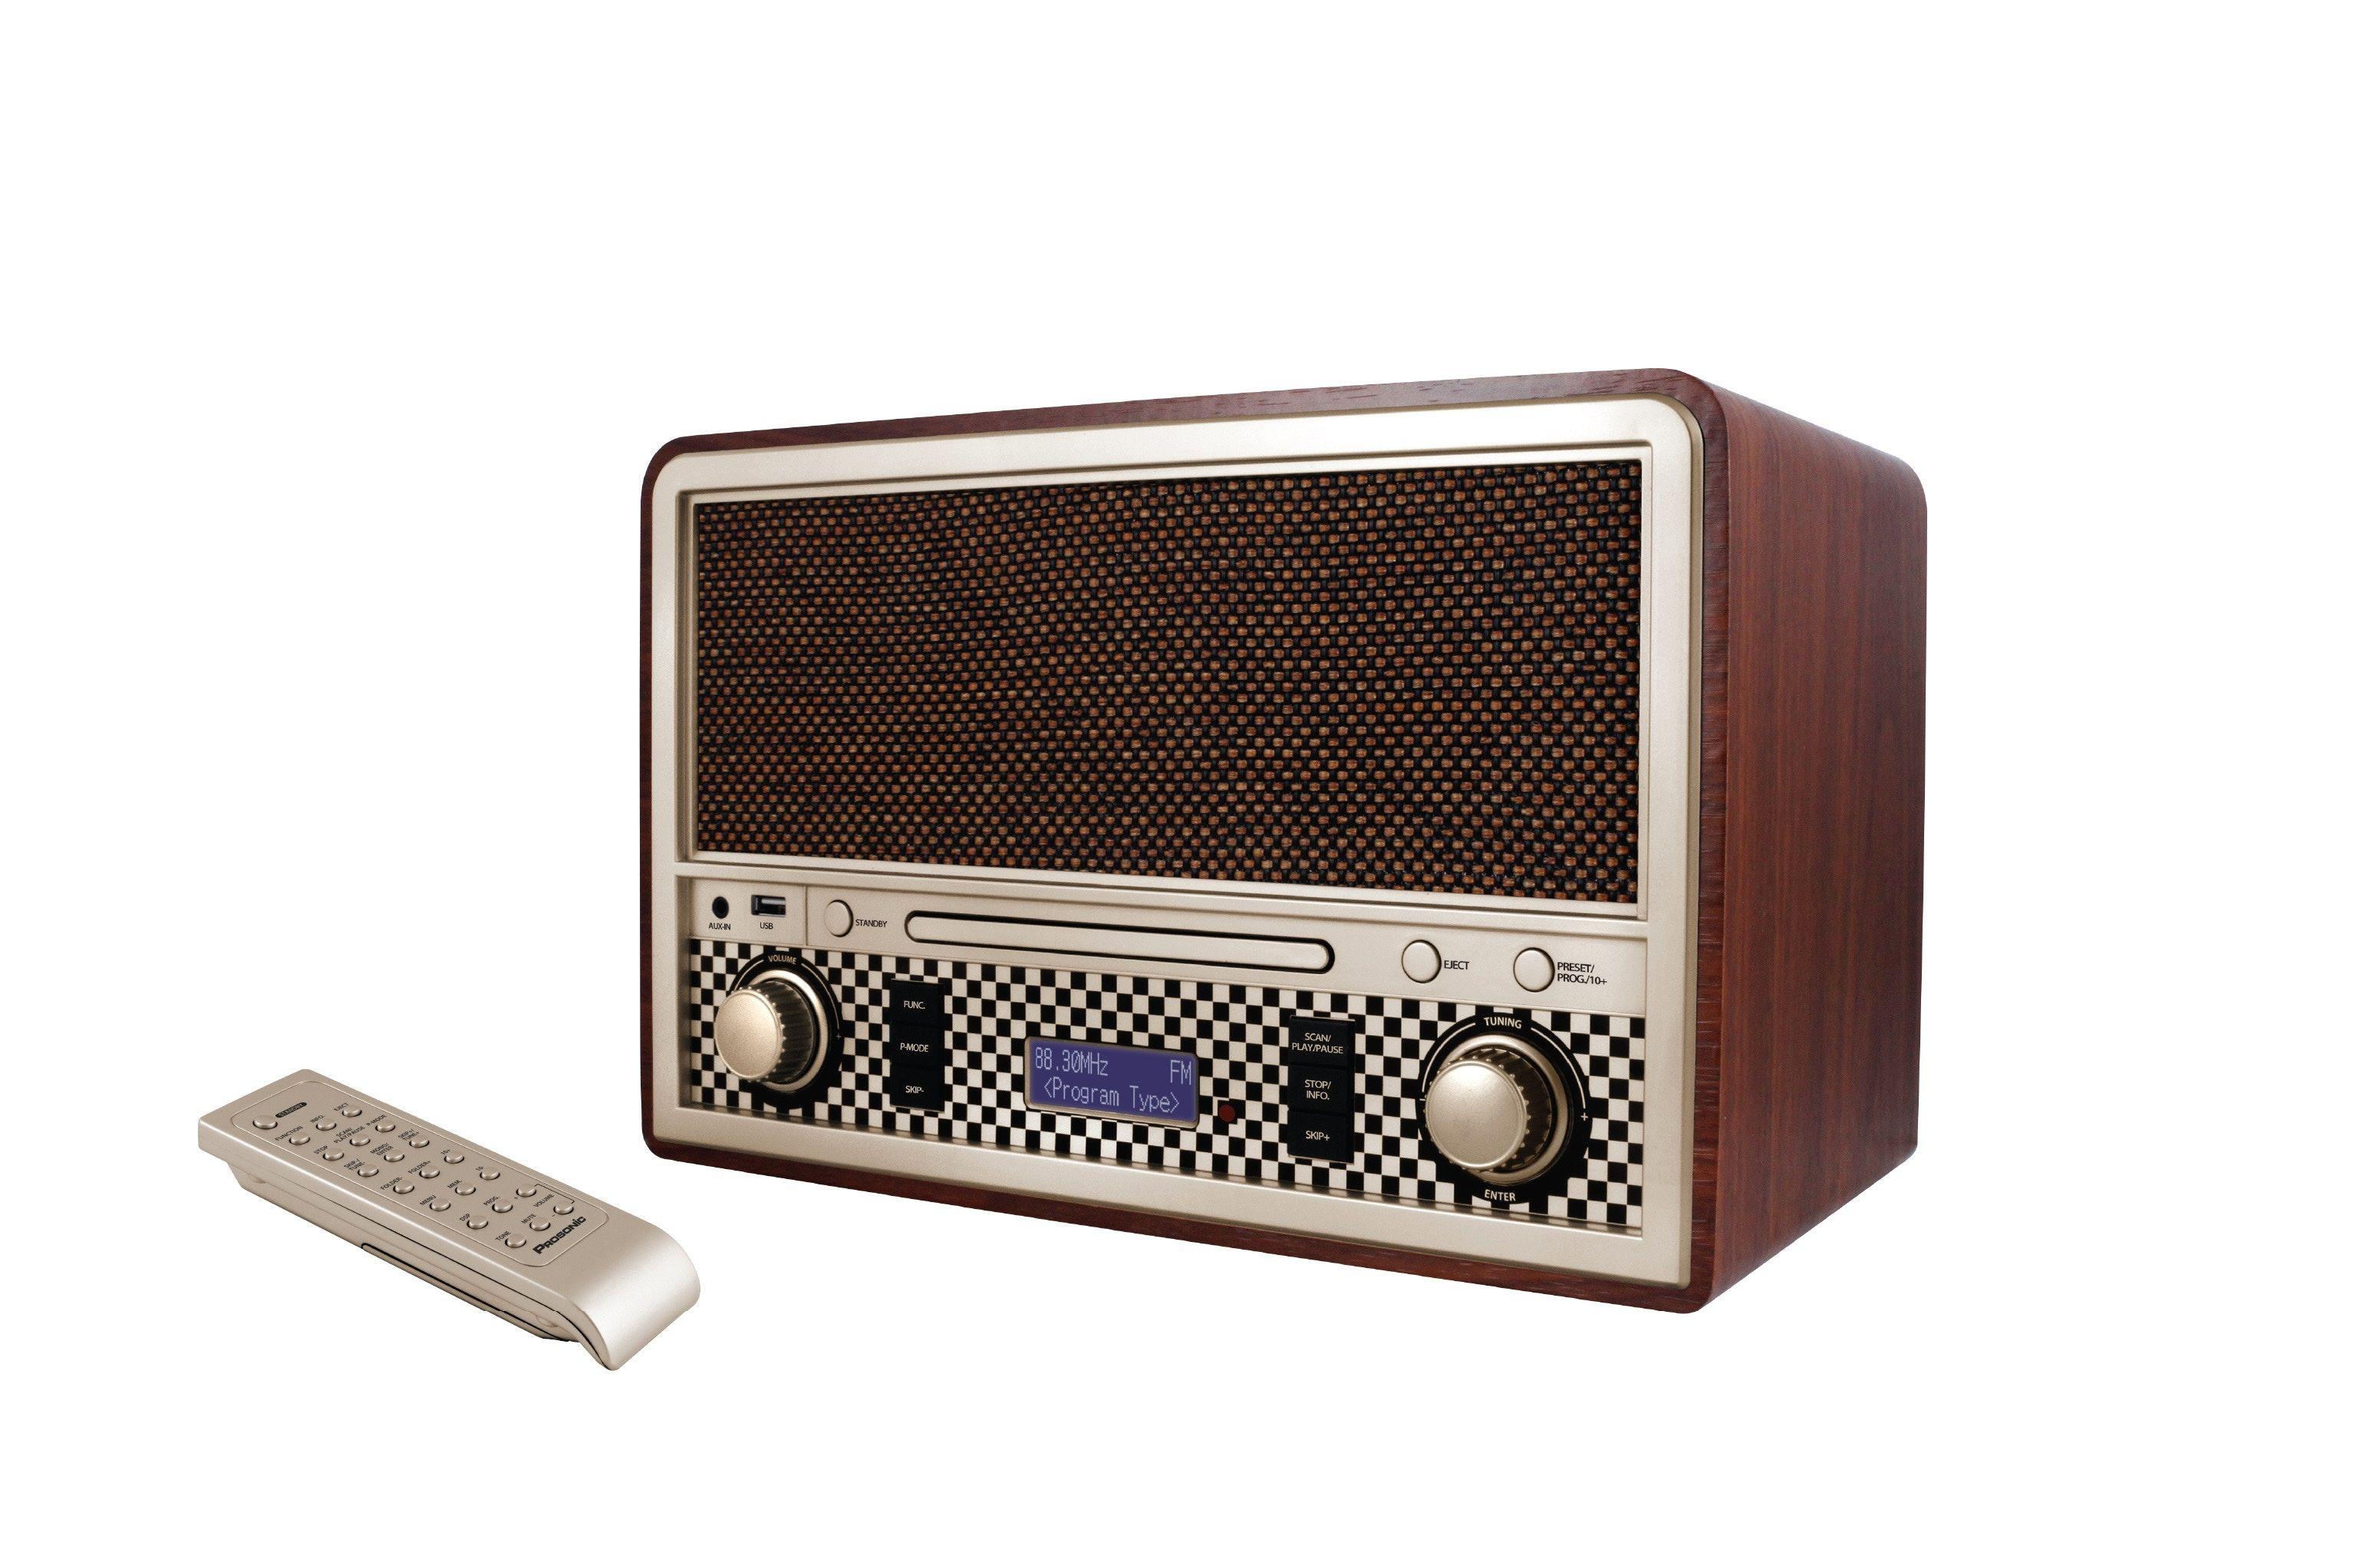 Gratis levering. Køb Prosonic retro RDC-505 - brun på Bilka.dk | Se også hele udvalget af Musikanlæg